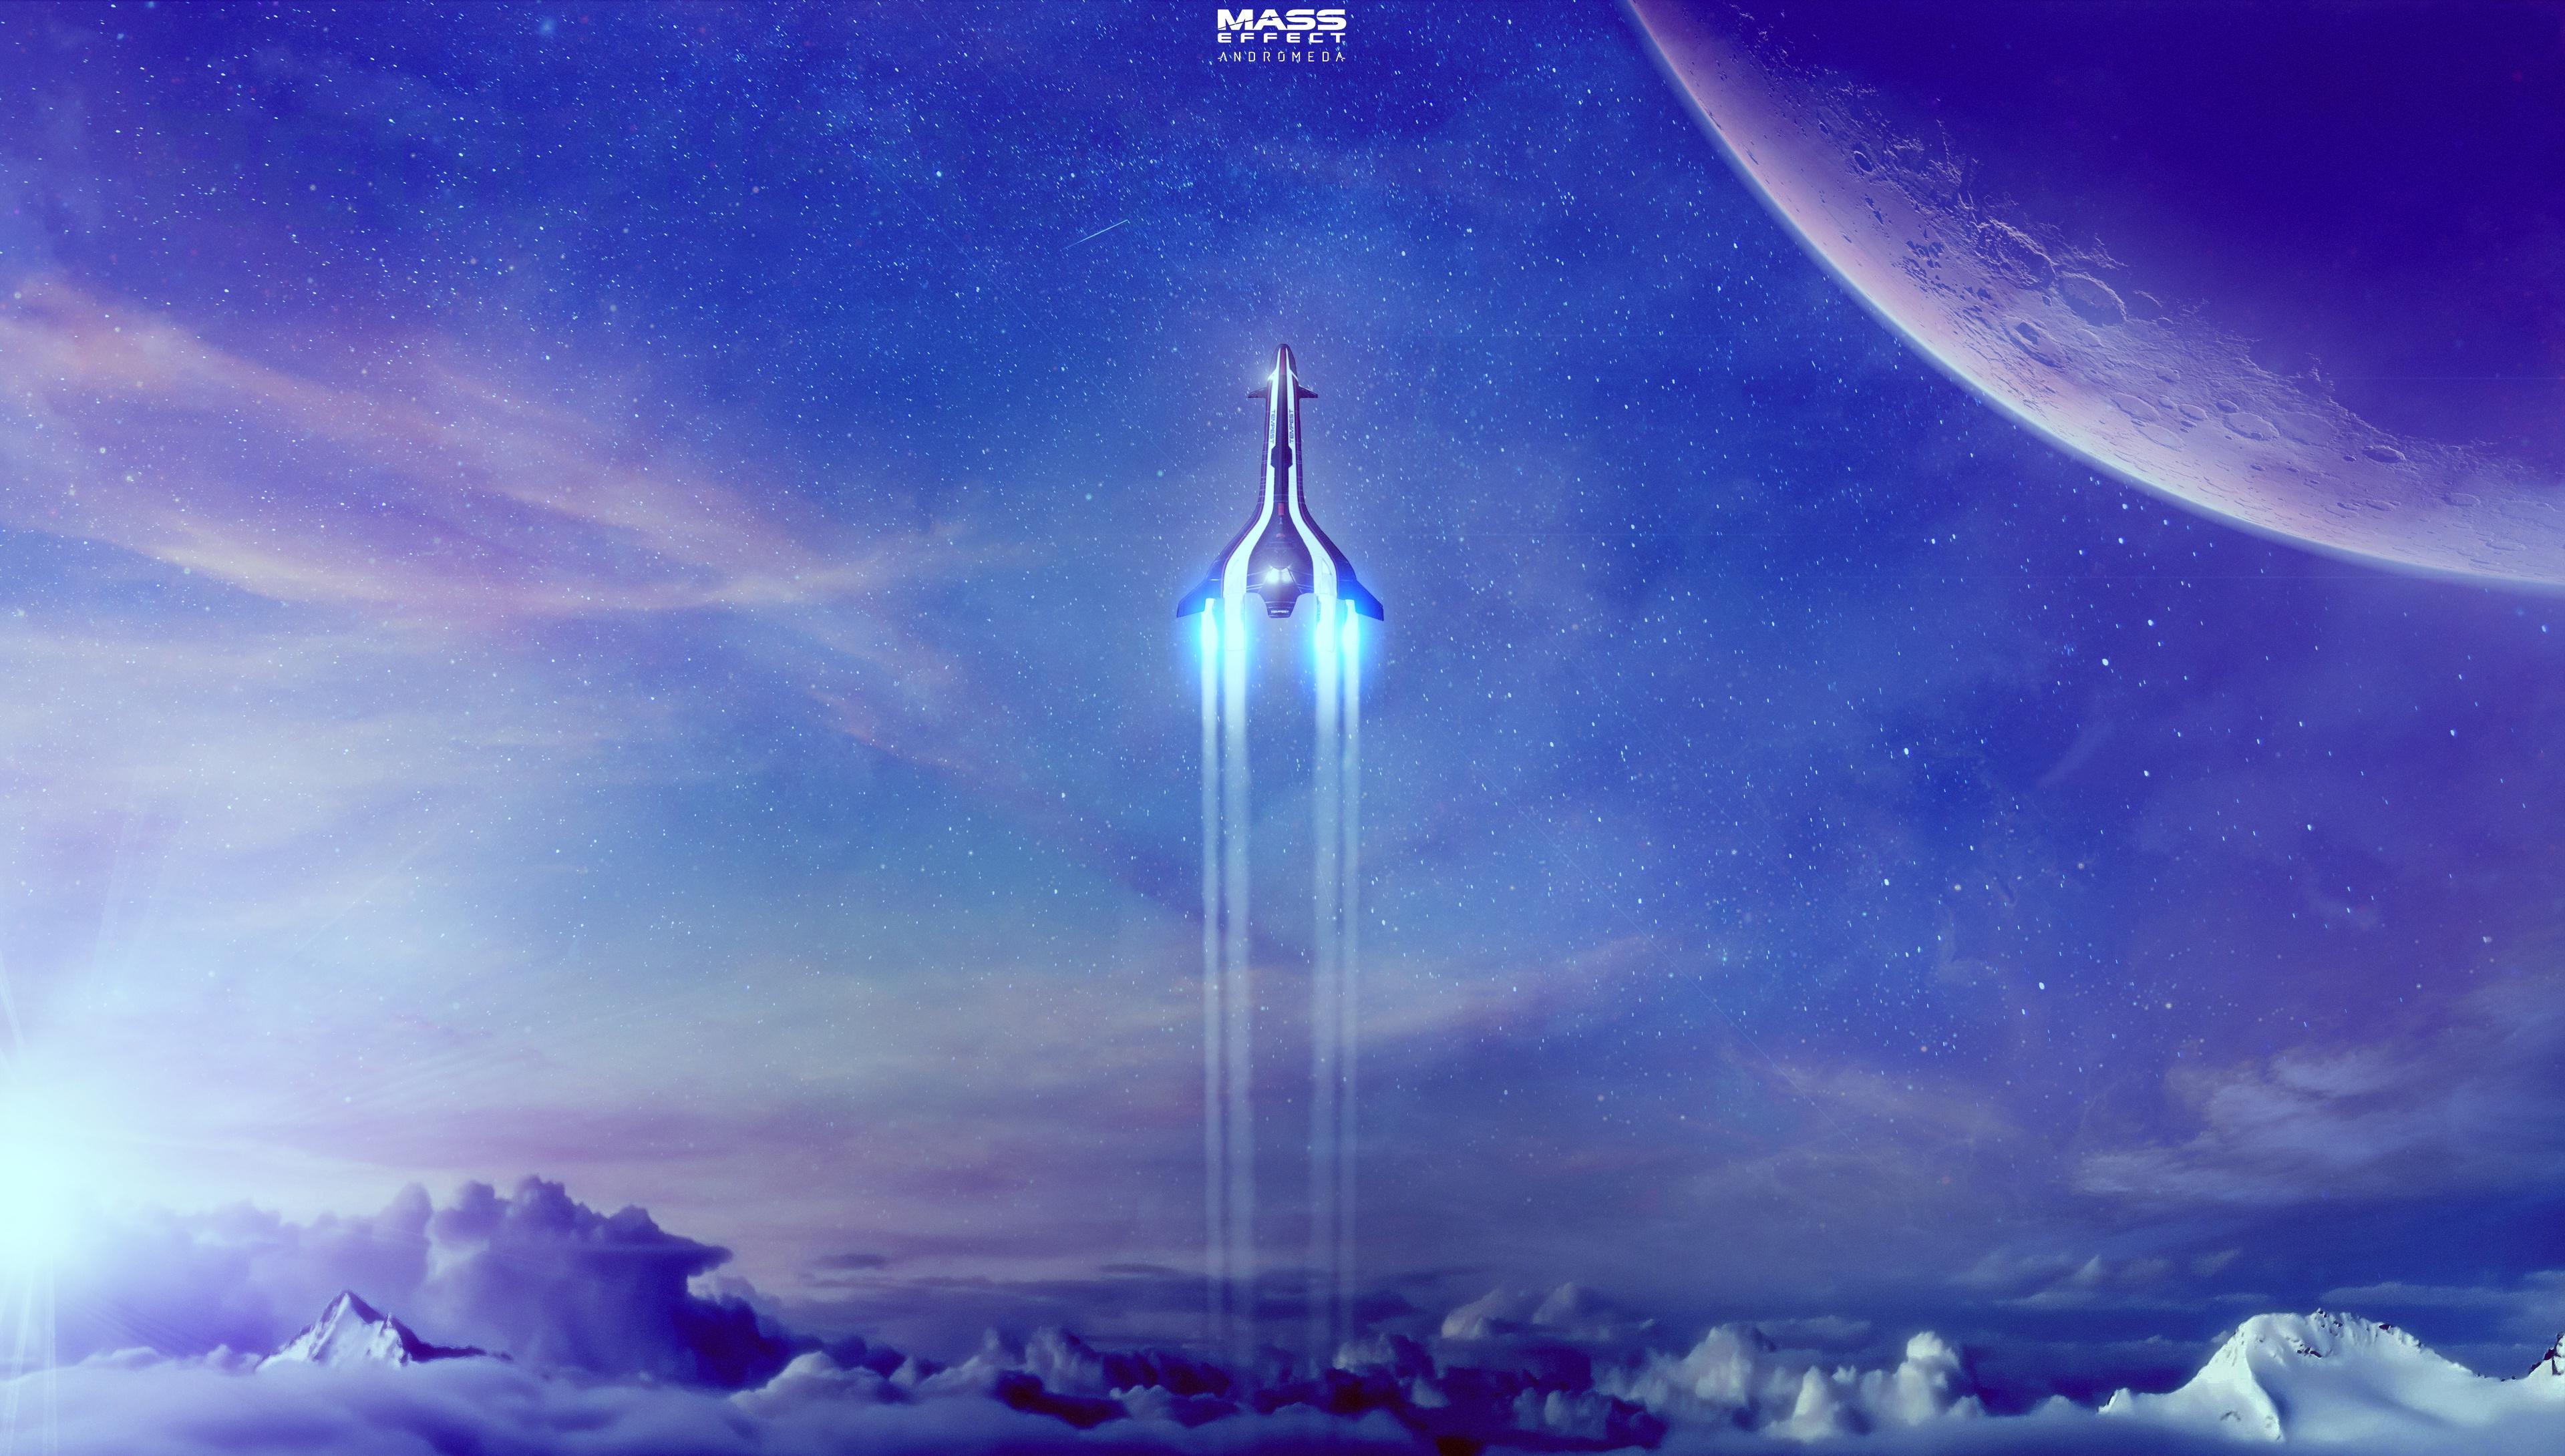 Mass Effect Andromeda 4k Artwork, HD Games, 4k Wallpapers